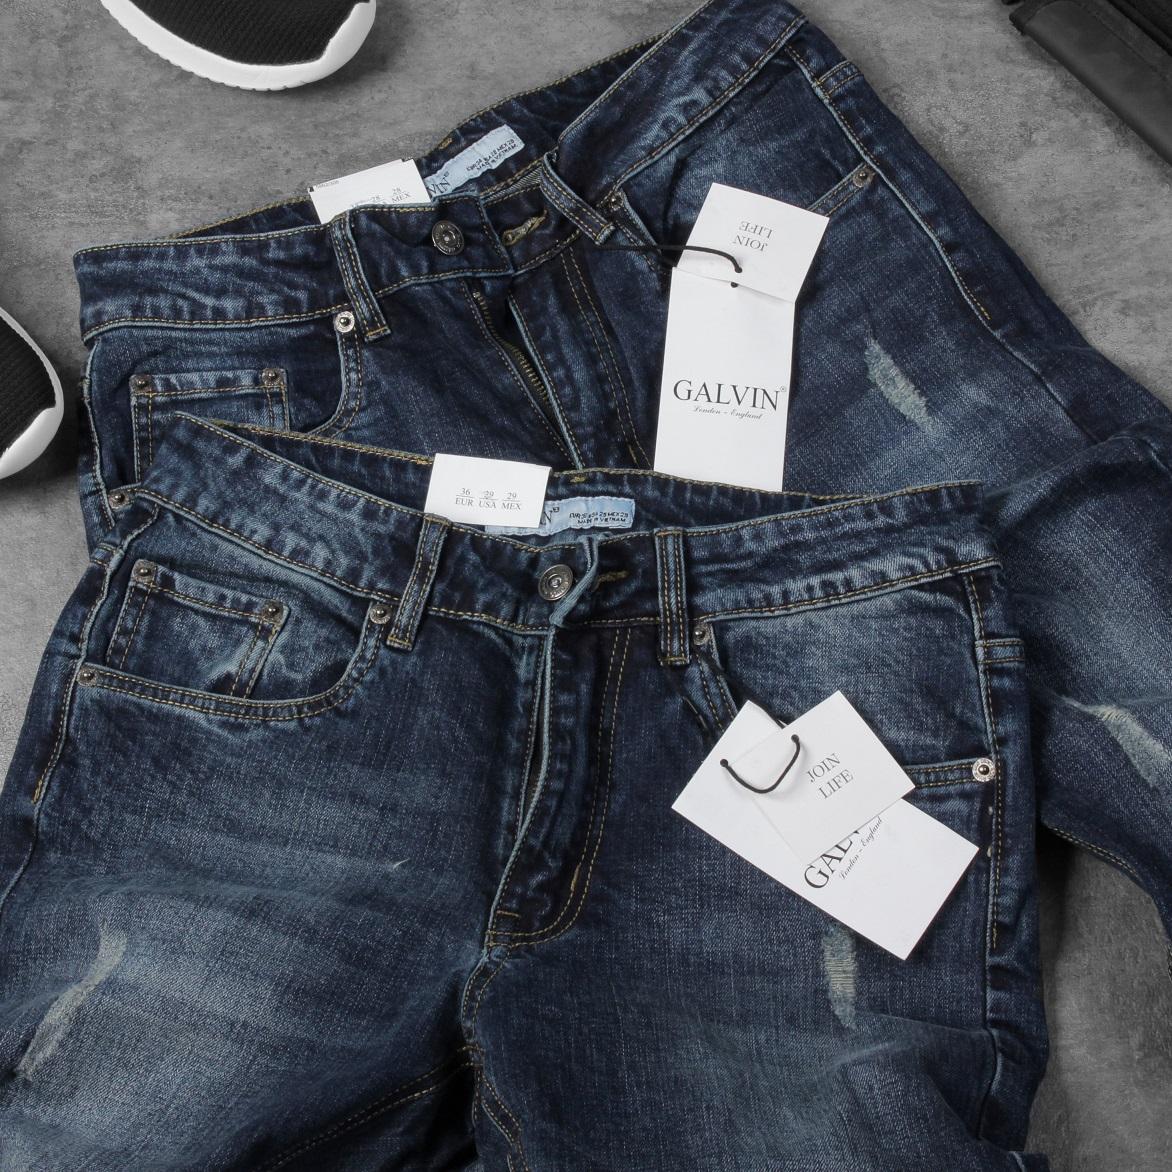 Jeans Galvin 9 Xanh than rách